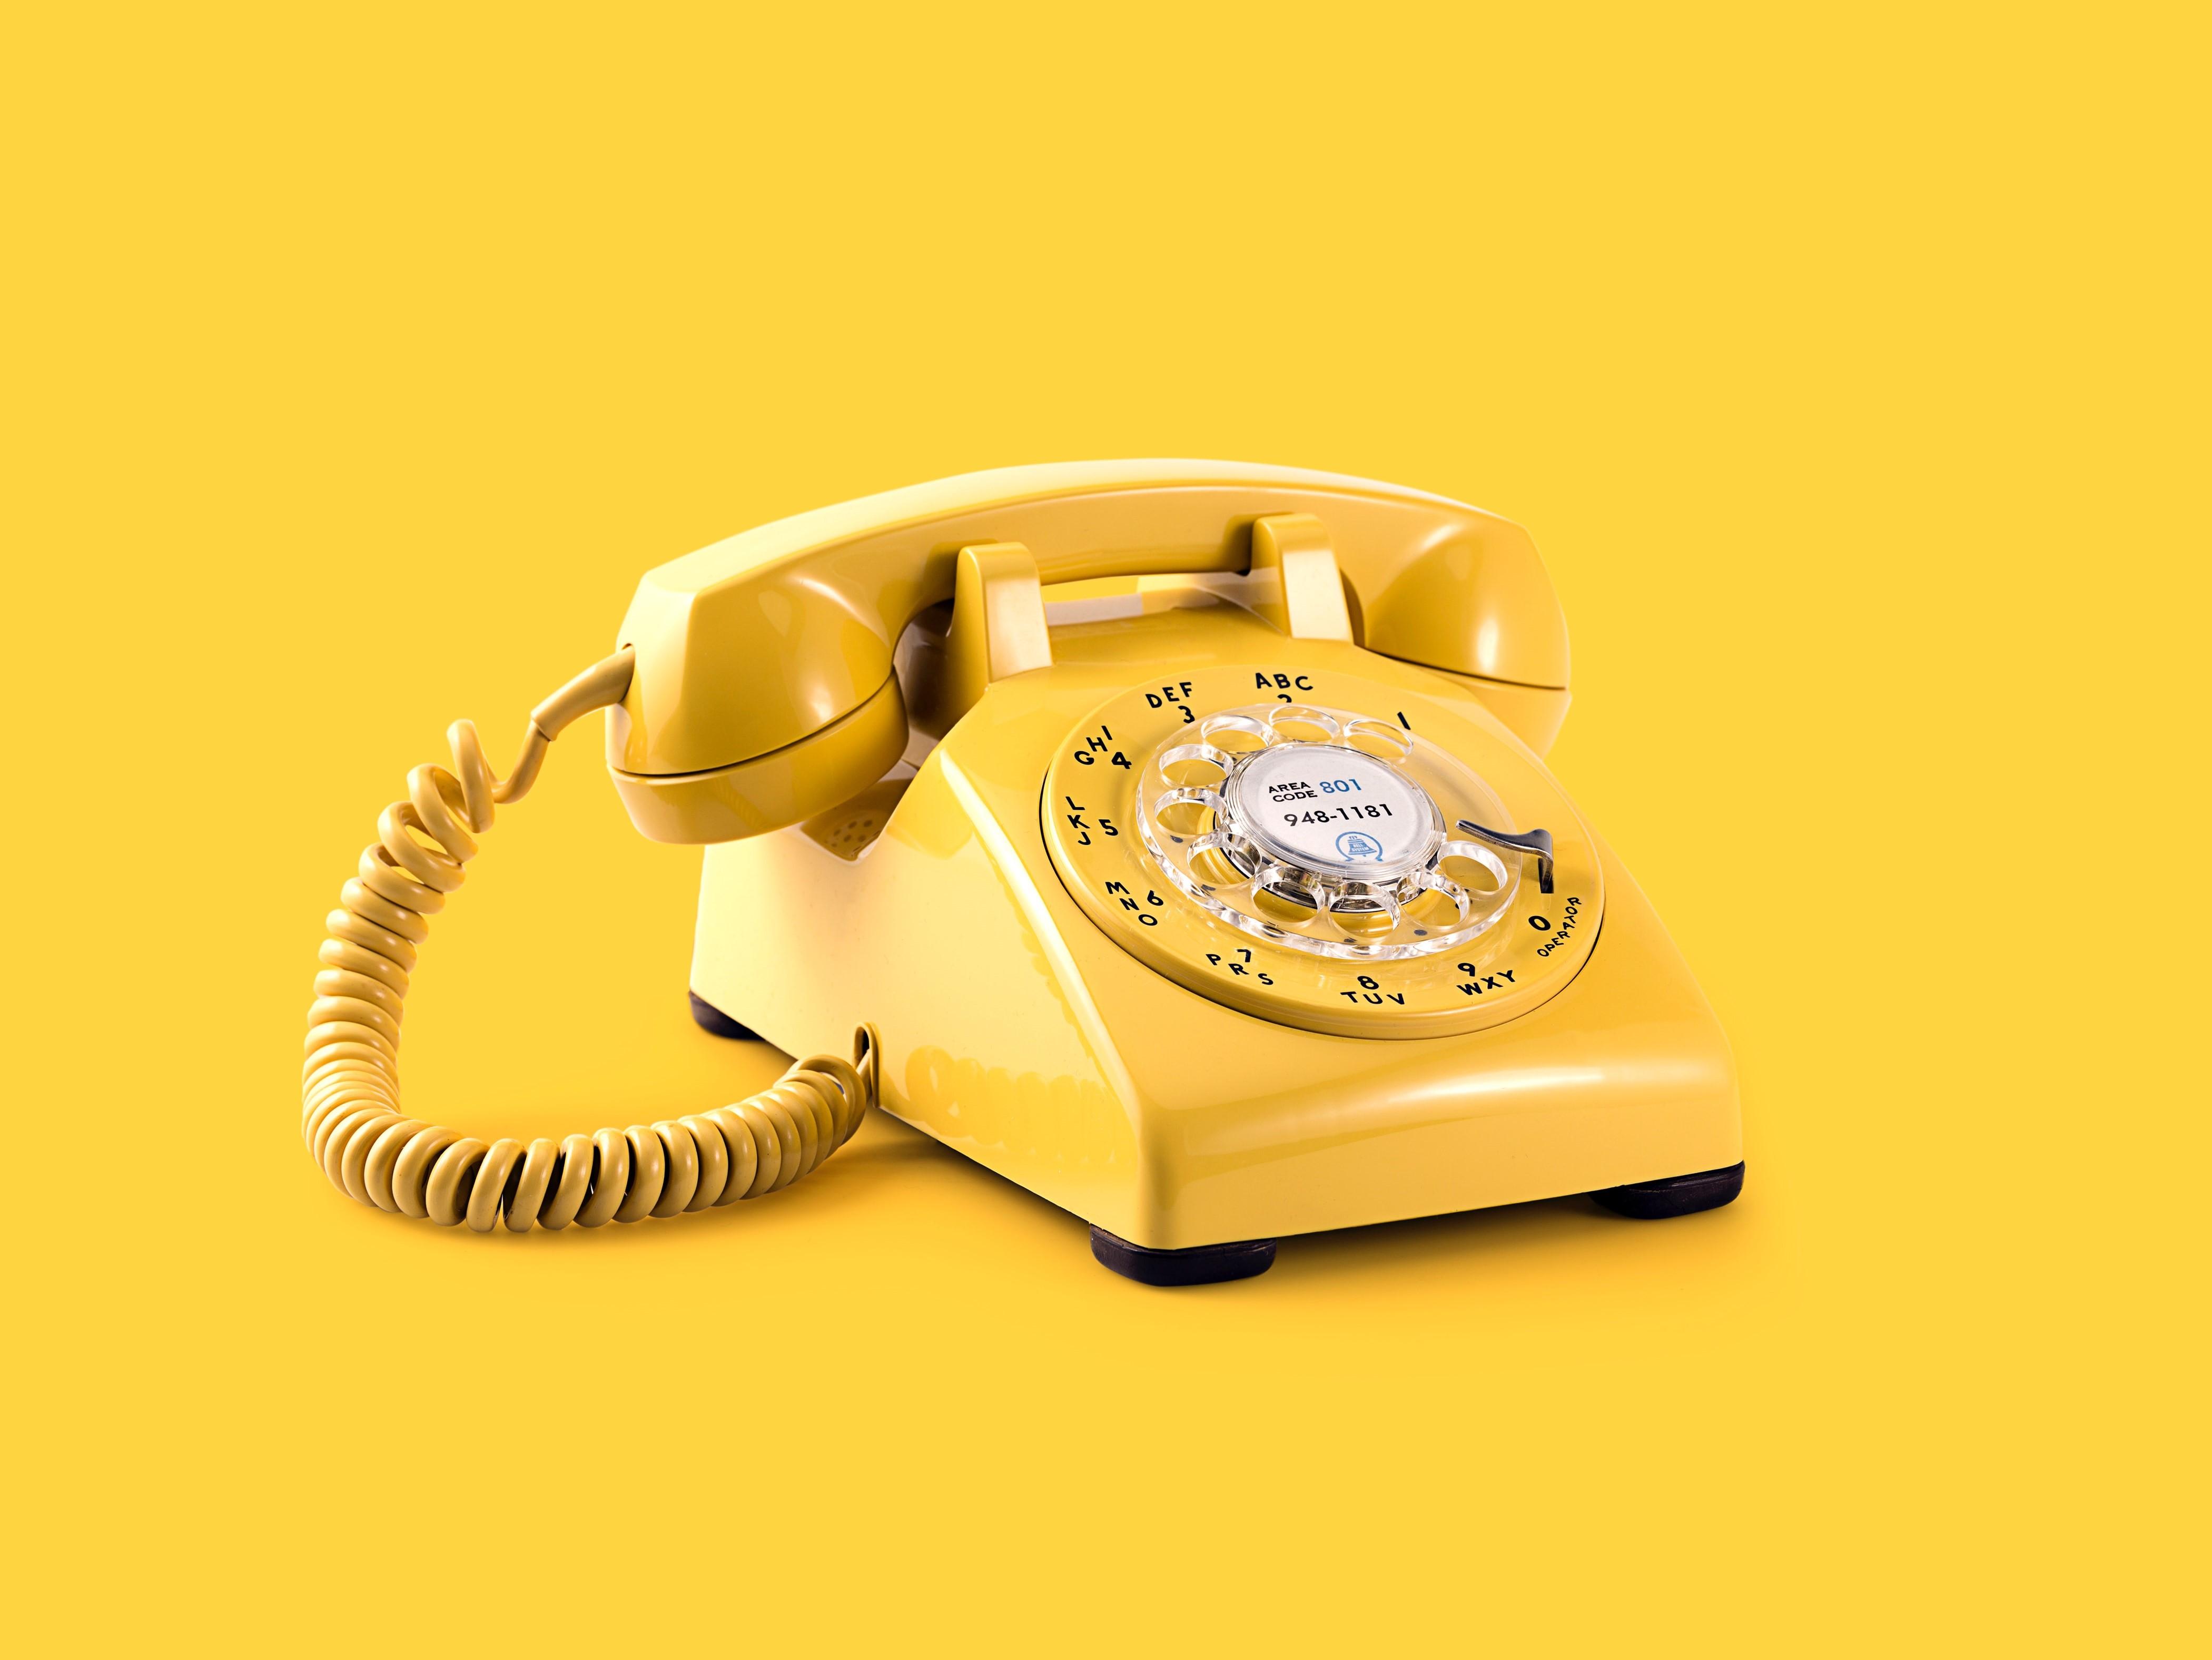 Billede af gul telefon